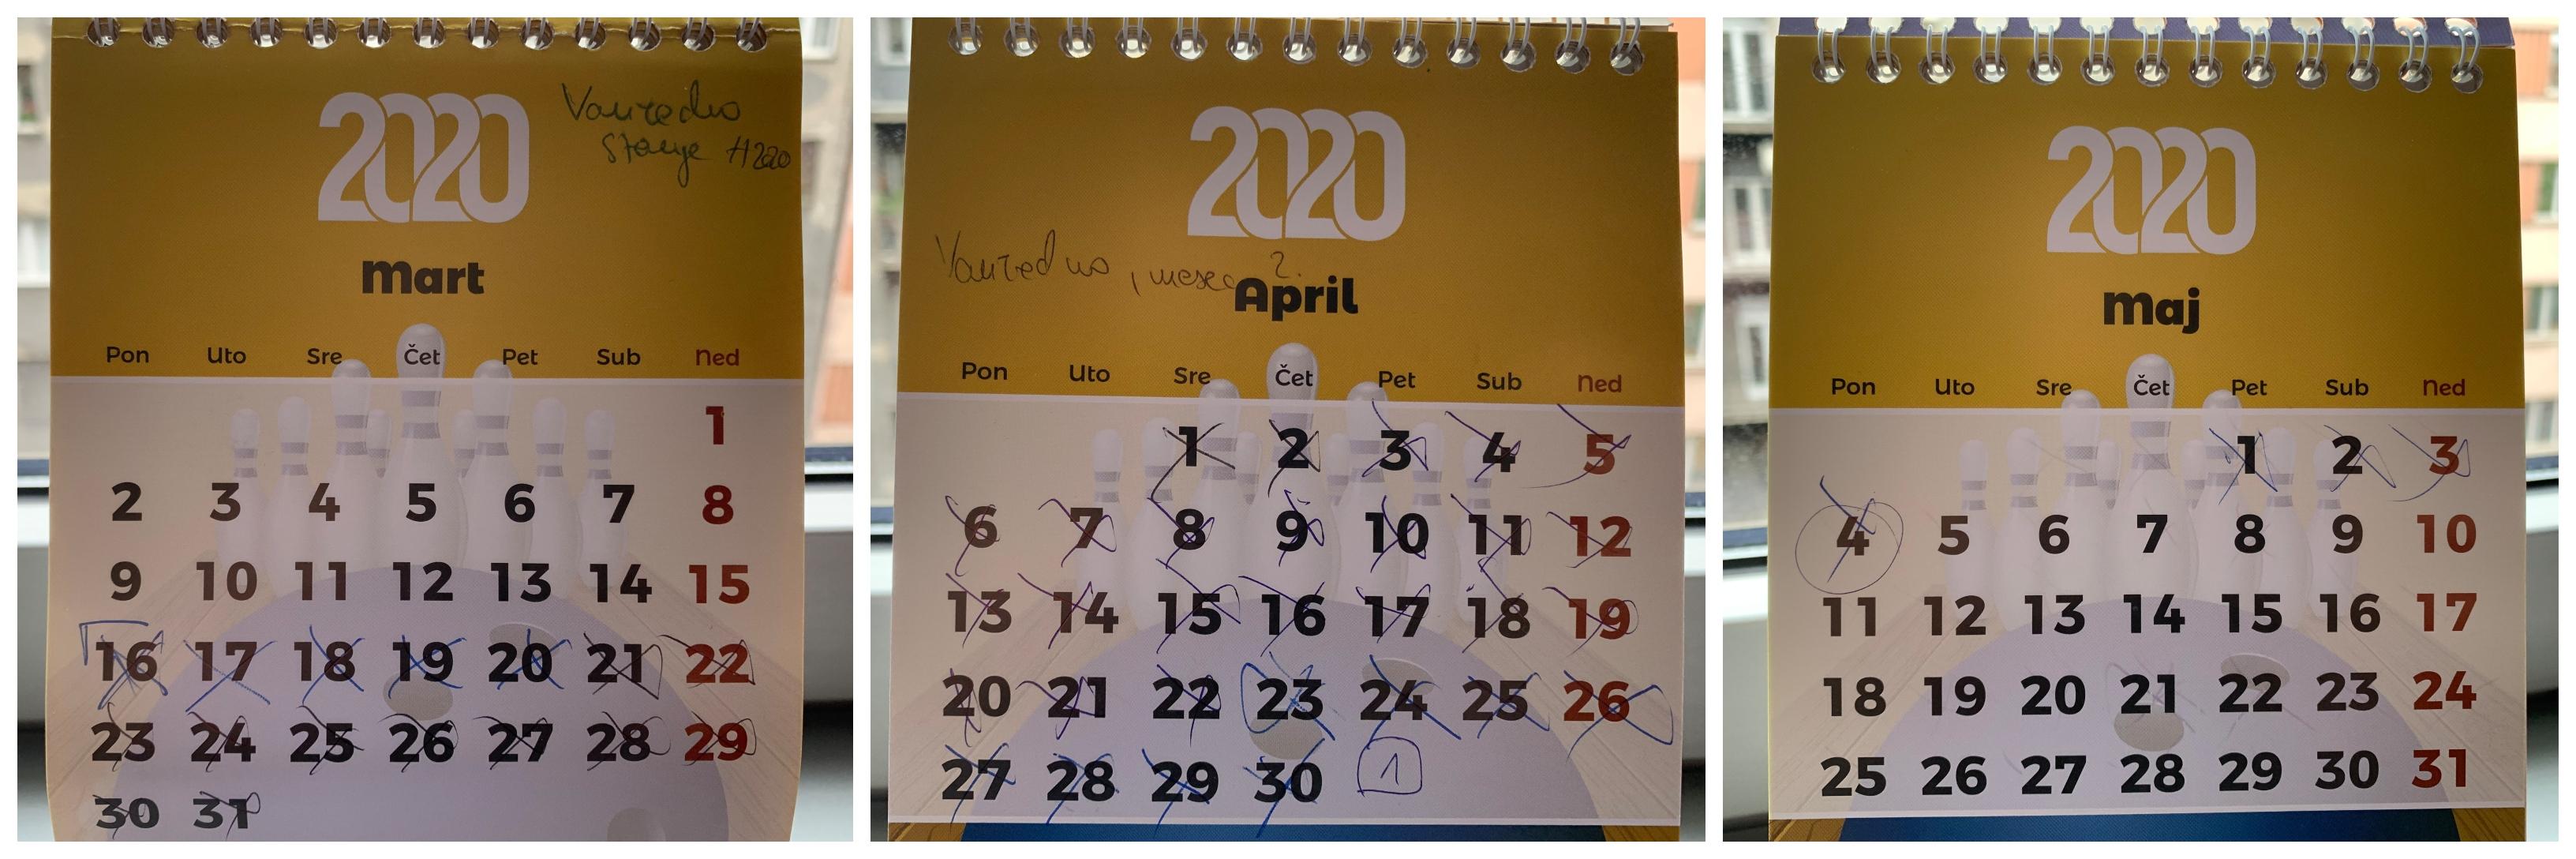 vanredni kalendar